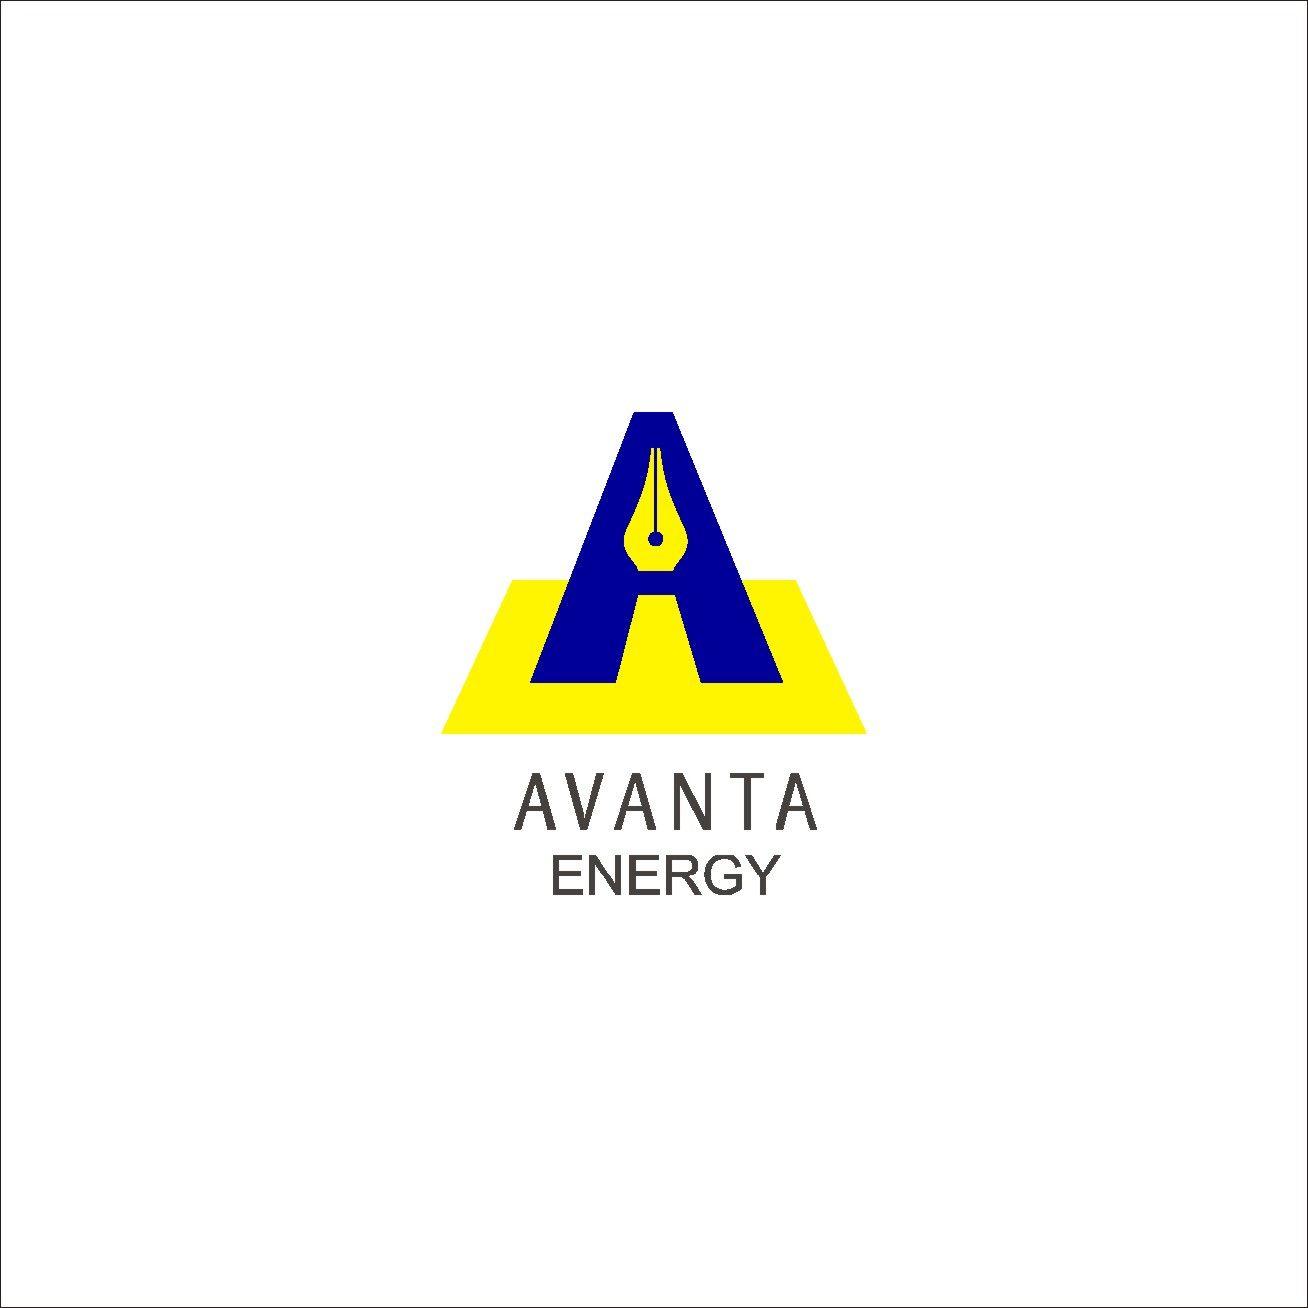 Фирмстиль + лого для переводческой компании - дизайнер radchuk-ruslan